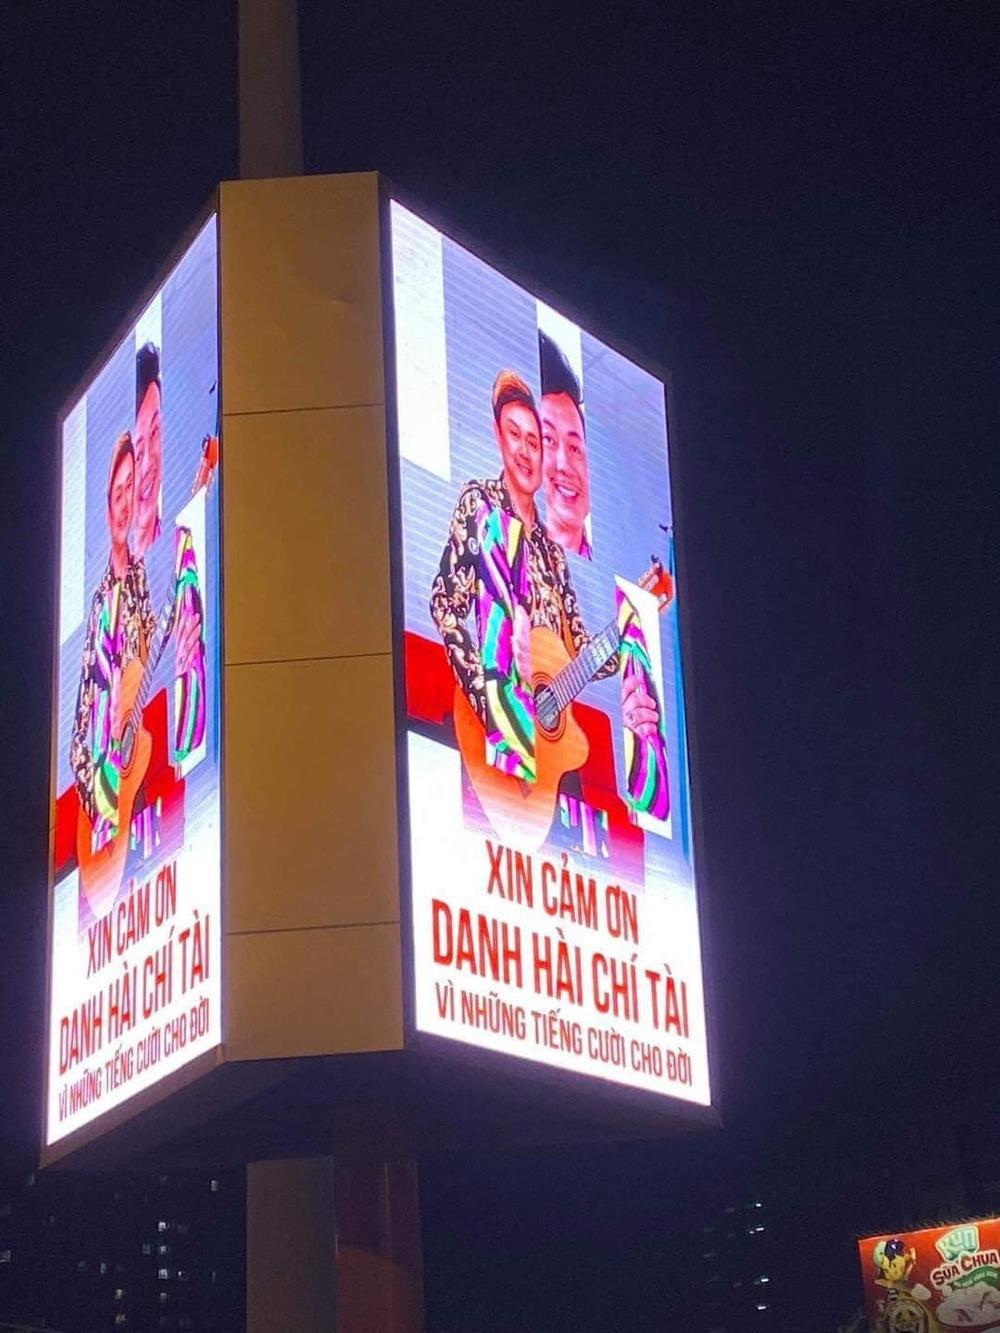 Cố nghệ sĩ Chí Tài được tri ân trên biển quảng cáo cỡ lớn: Xin cảm ơn vì những tiếng cười dành cho đời! Ảnh 5